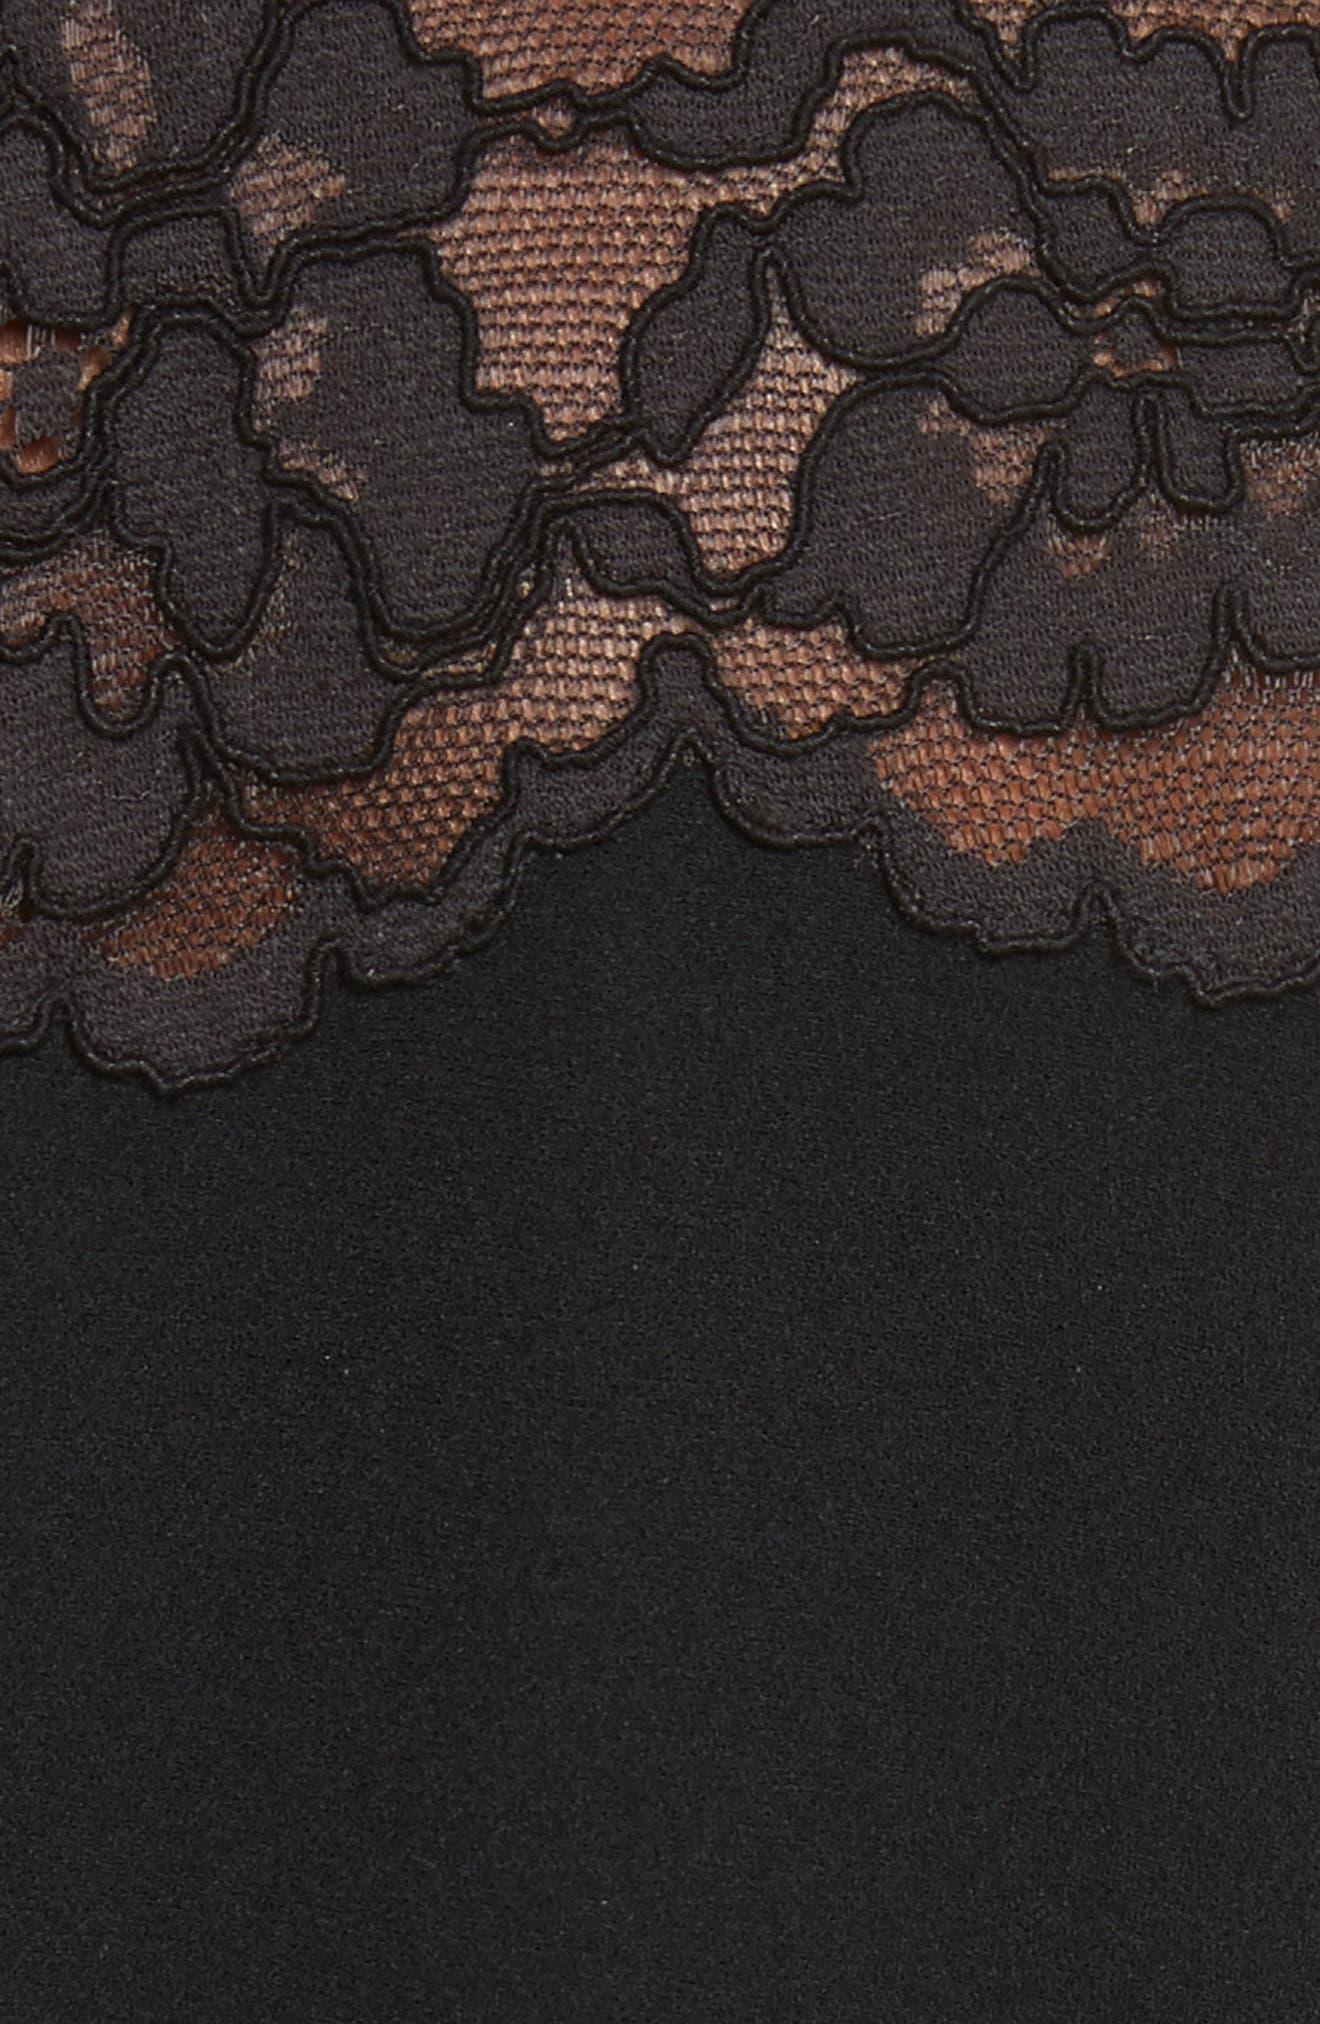 Lace & Crepe A-Line Dress,                             Alternate thumbnail 5, color,                             001